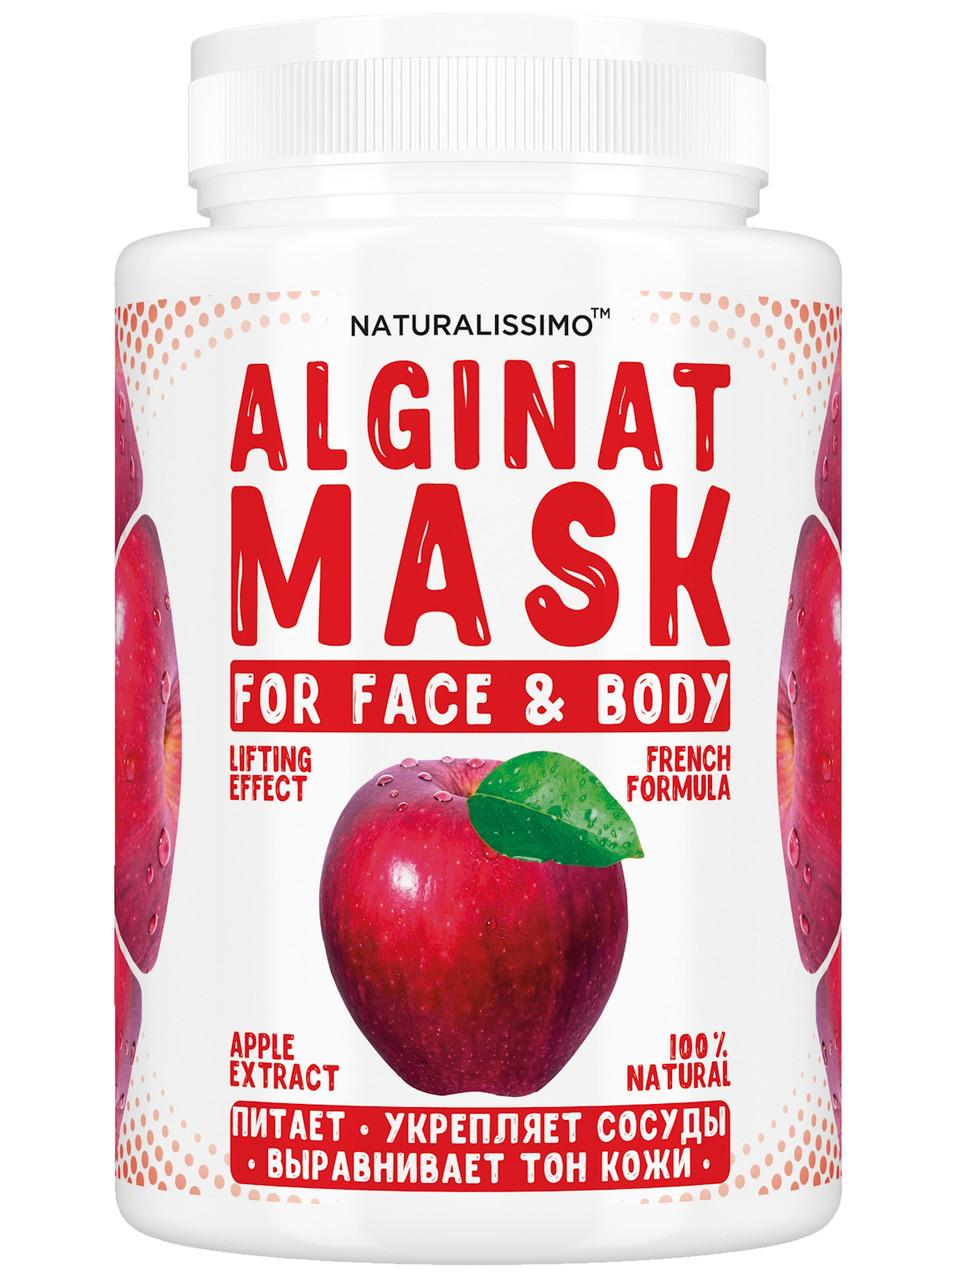 Альгинатная маска Питает и смягчает кожу, разглаживает морщинки, с яблоком, 200 г